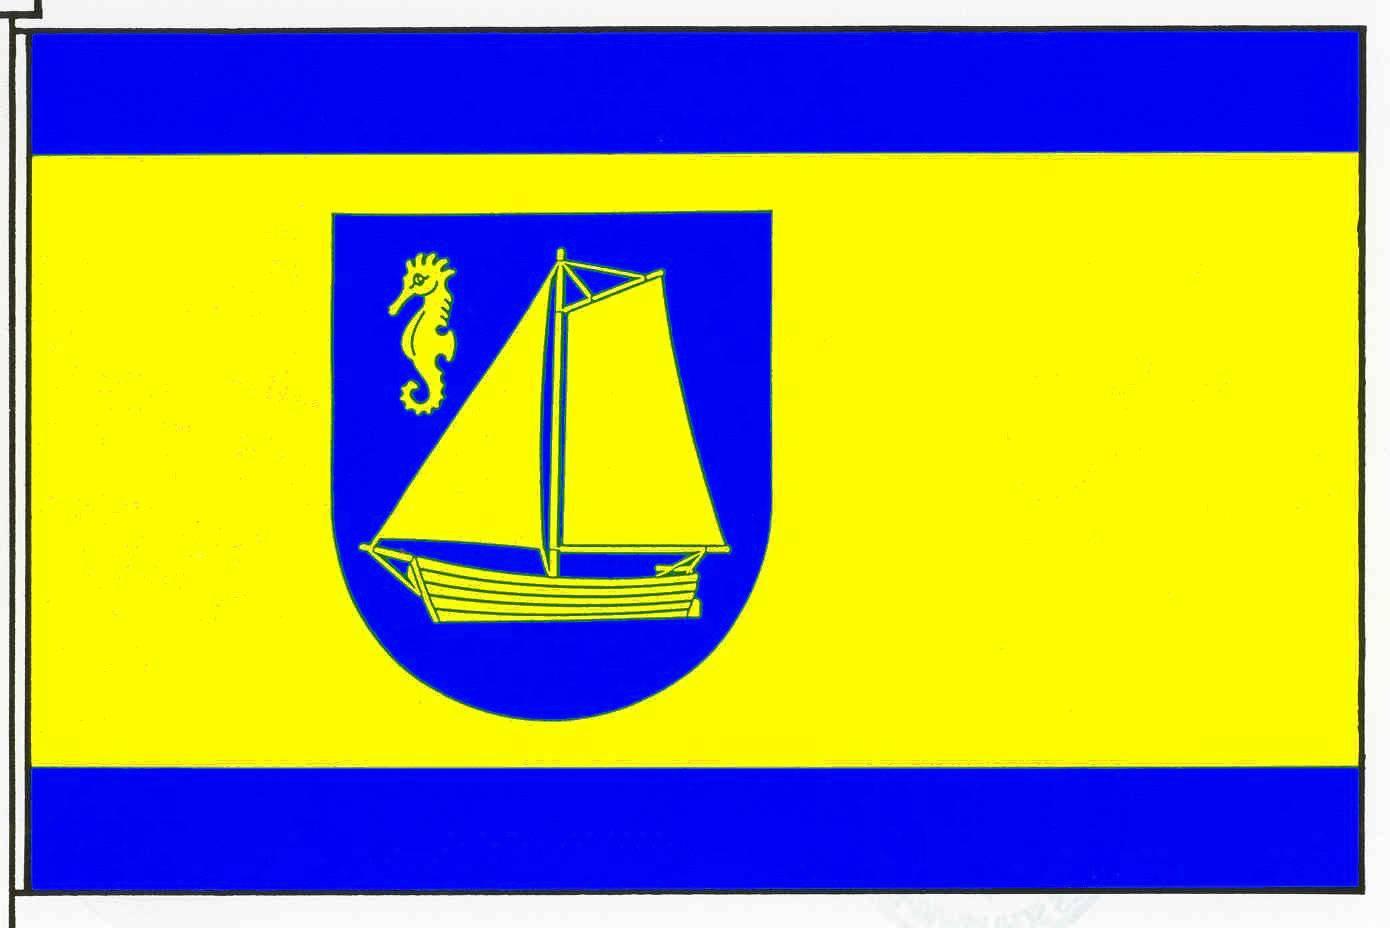 Flagge GemeindeTimmendorfer Strand, Kreis Ostholstein